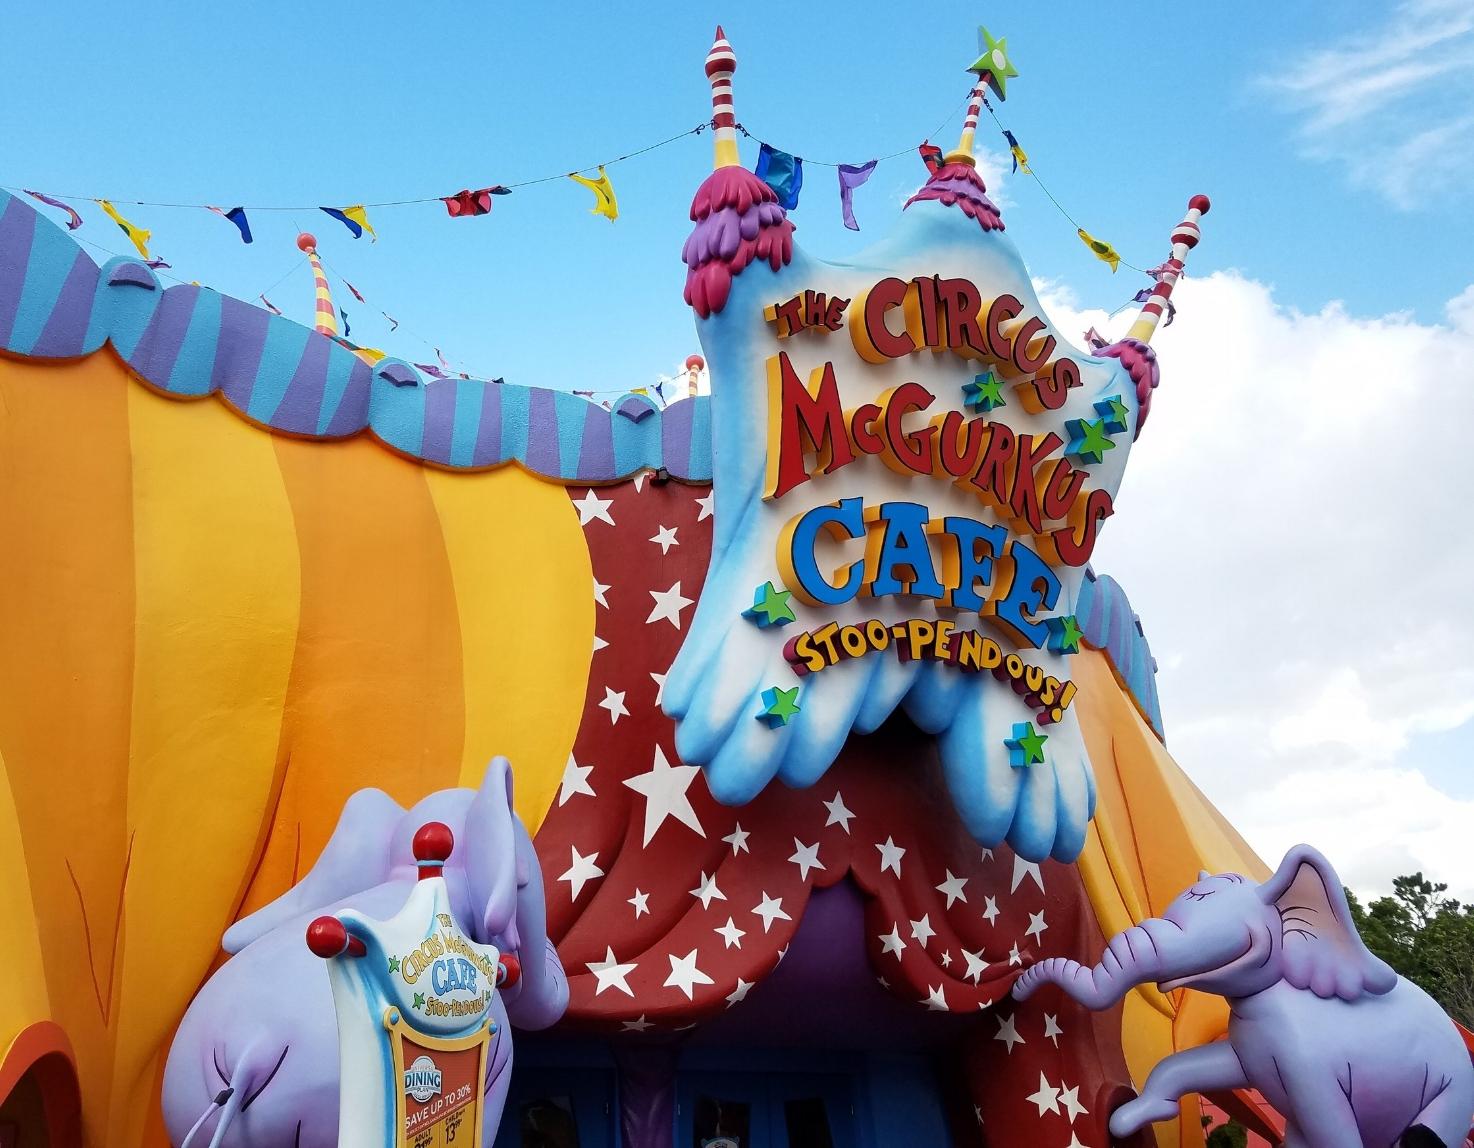 The entrance of The Circus McGurkus Café Stoo-Pendous in Seuss Landing